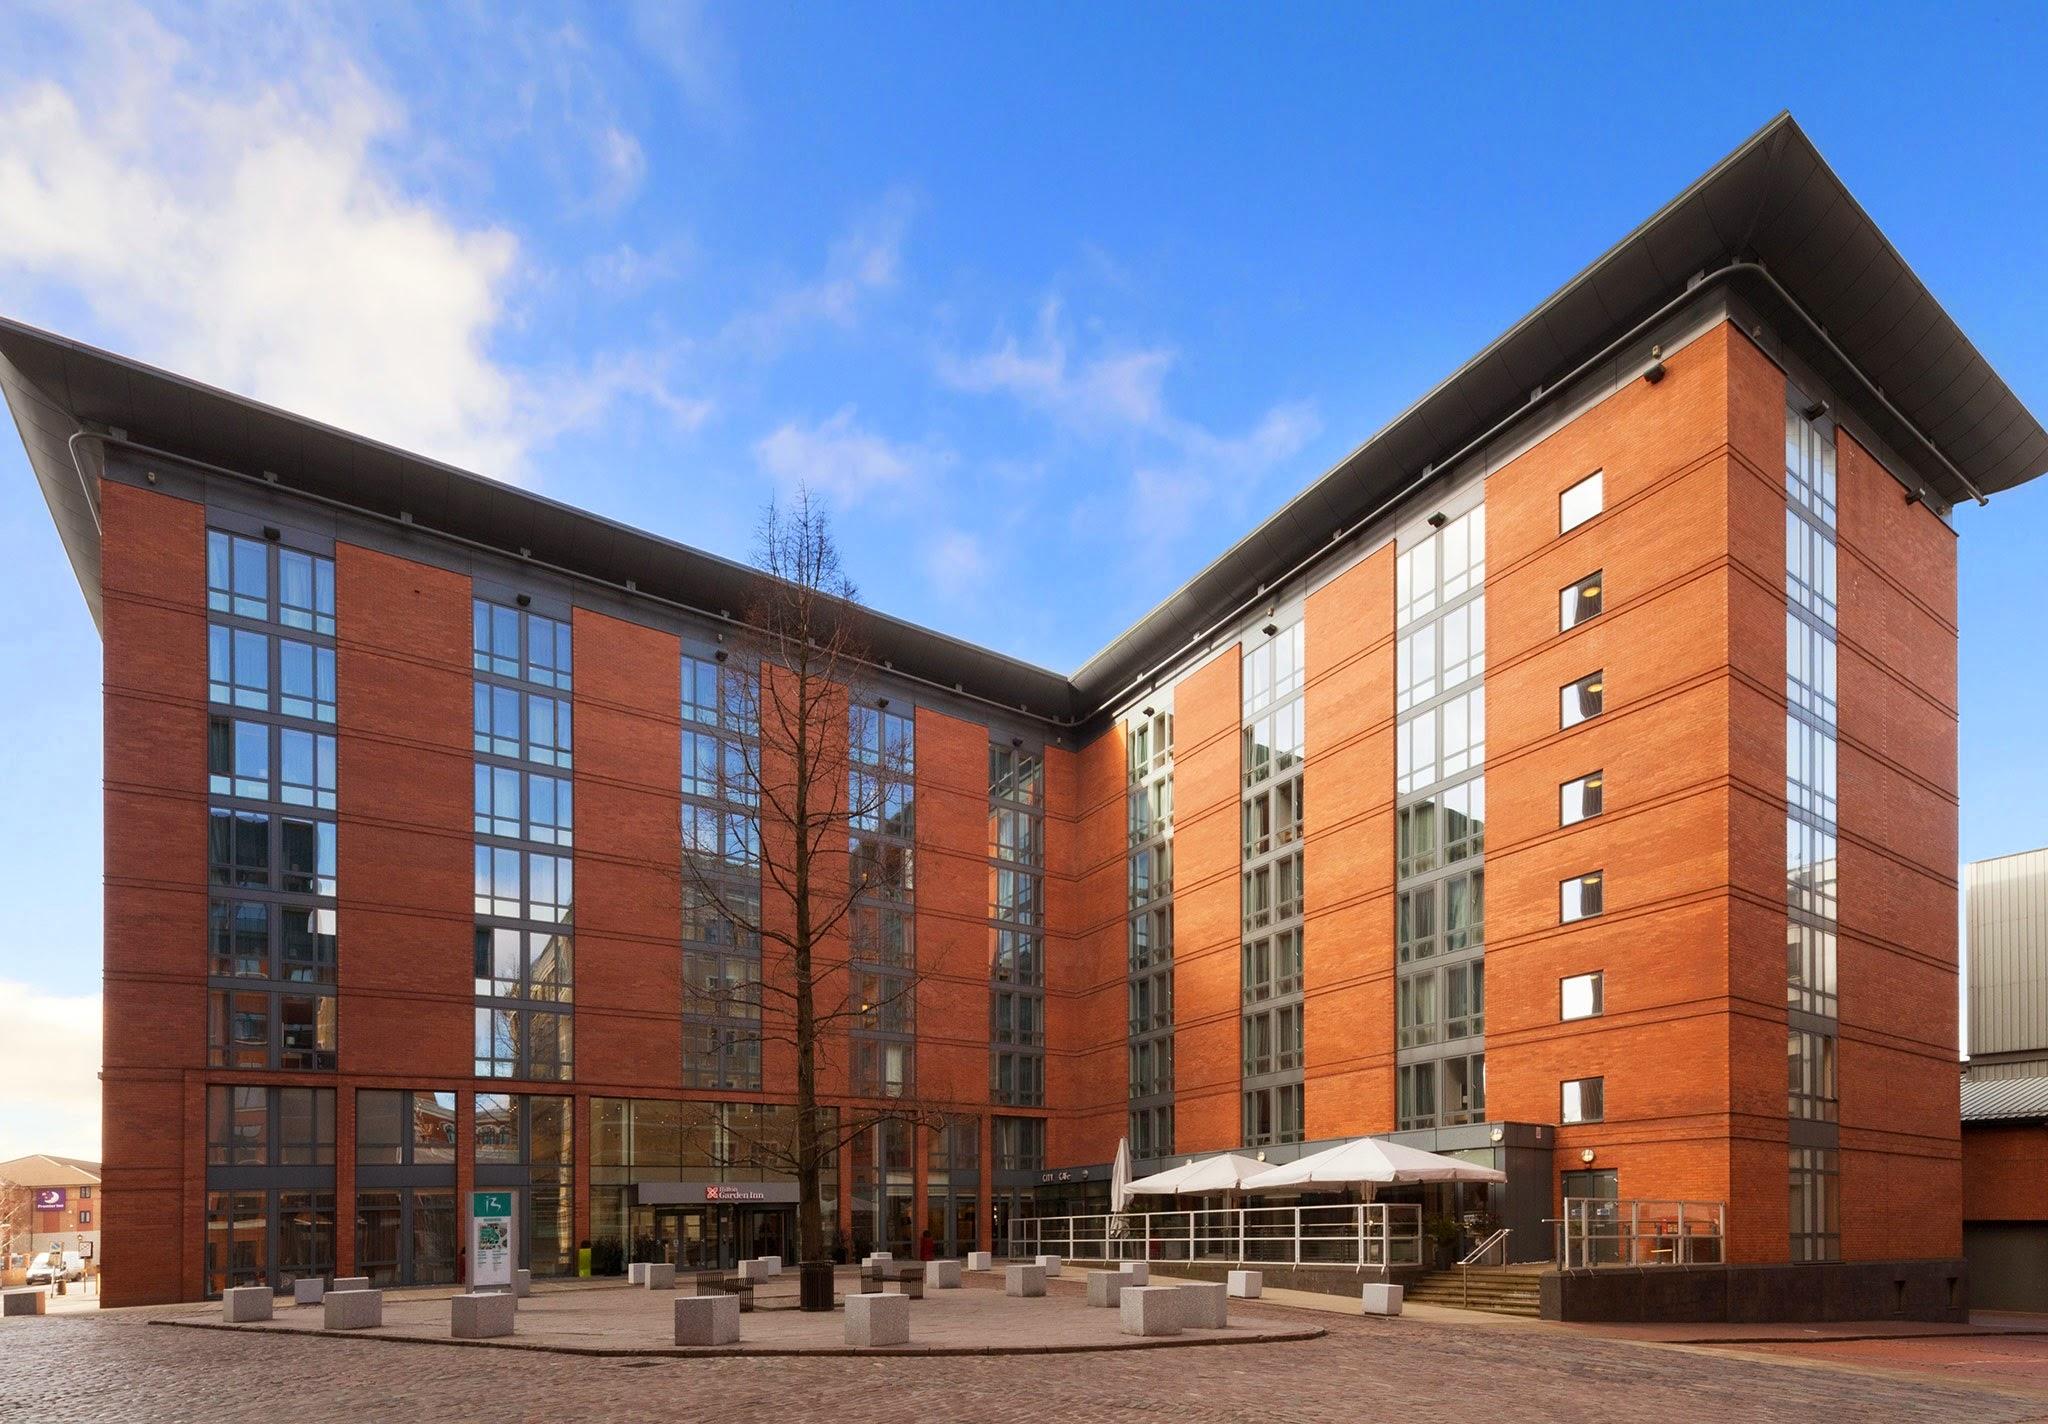 Hilton garden inn birmingham brindleyplace 1 brunswick for Birmingham garden inn